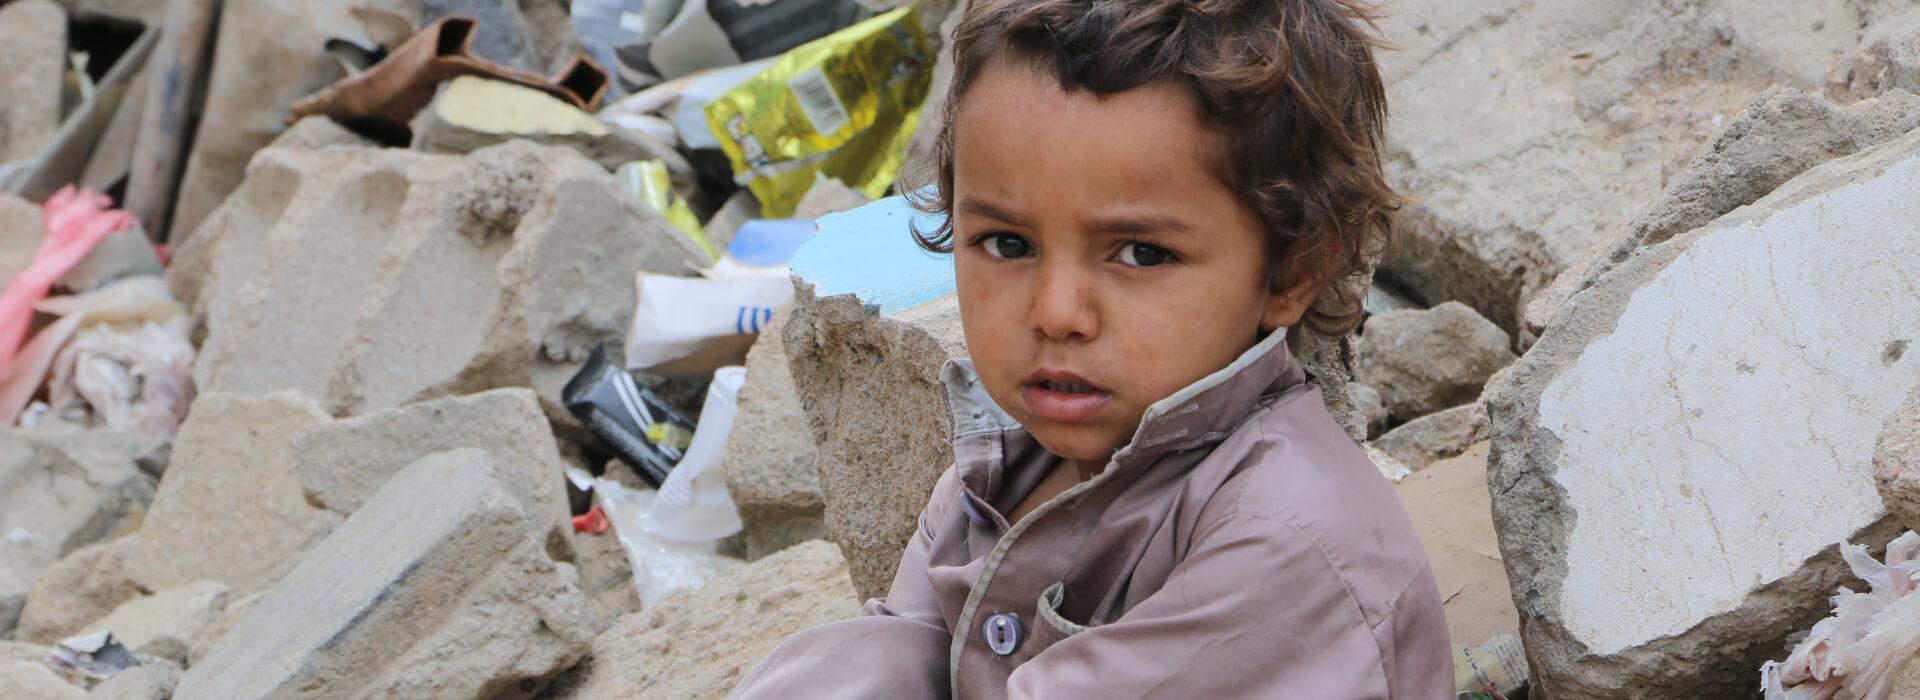 Yemen'de, neredeyse bütün ülke; yani 12.2 milyonu çocuk olmak üzere nüfusun %80'i olan 24 milyon kişi insani yardıma ihtiyaç duyuyor.